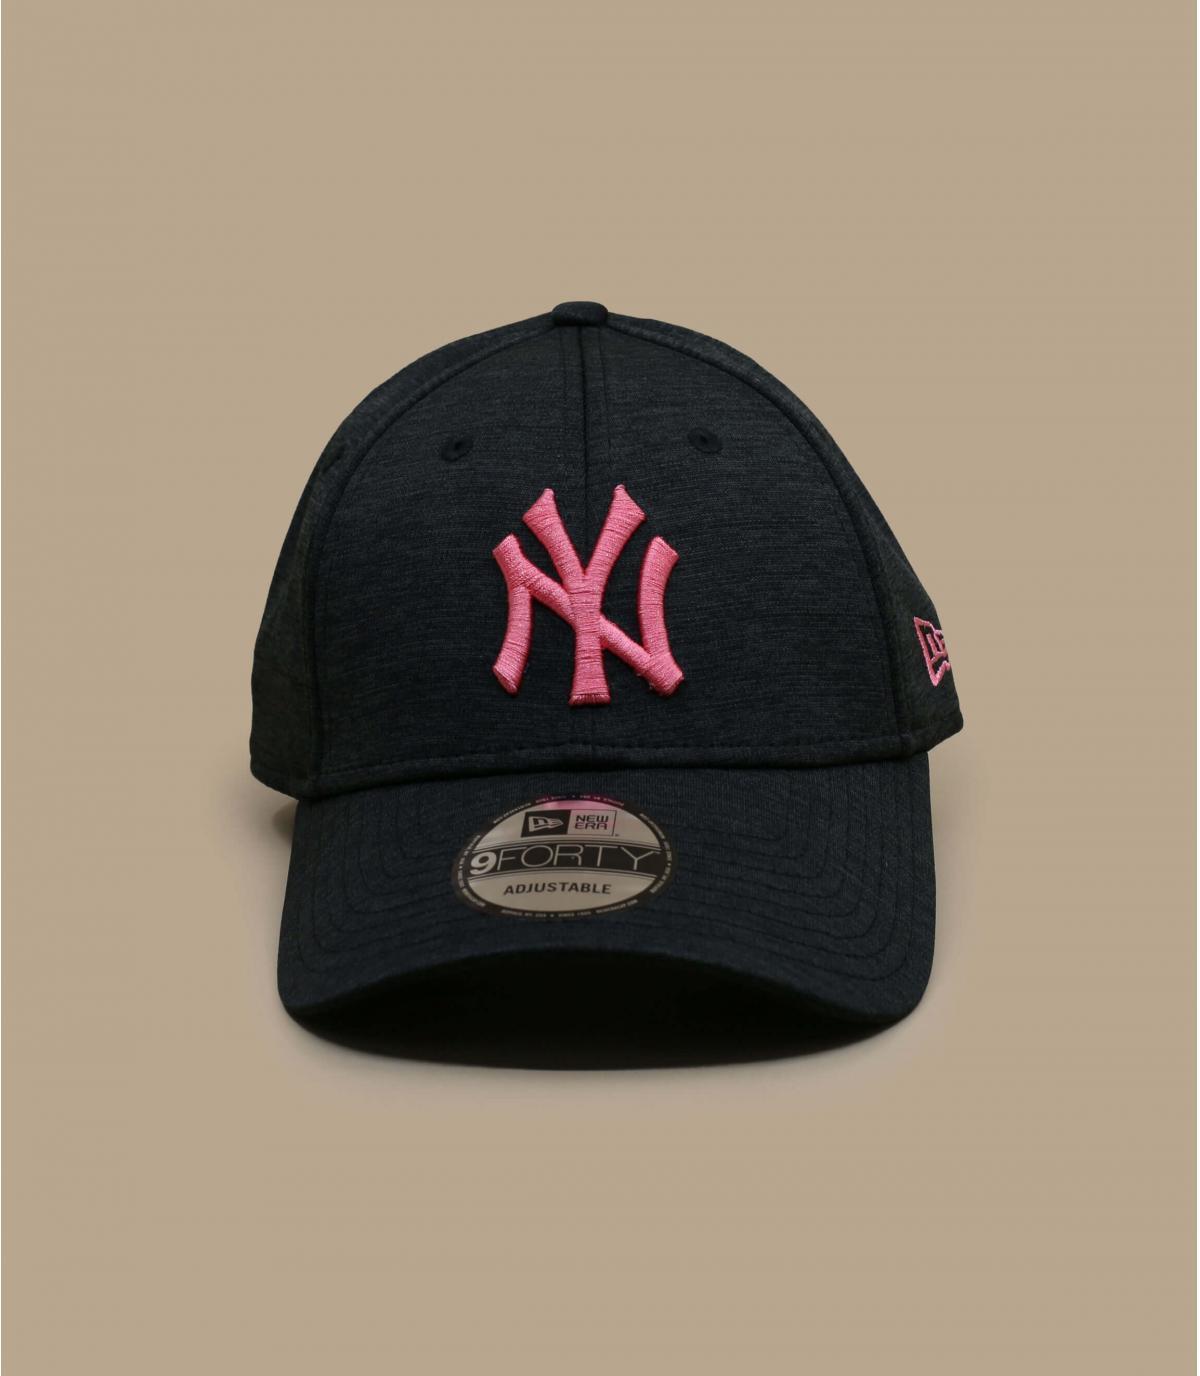 NY cap black pink